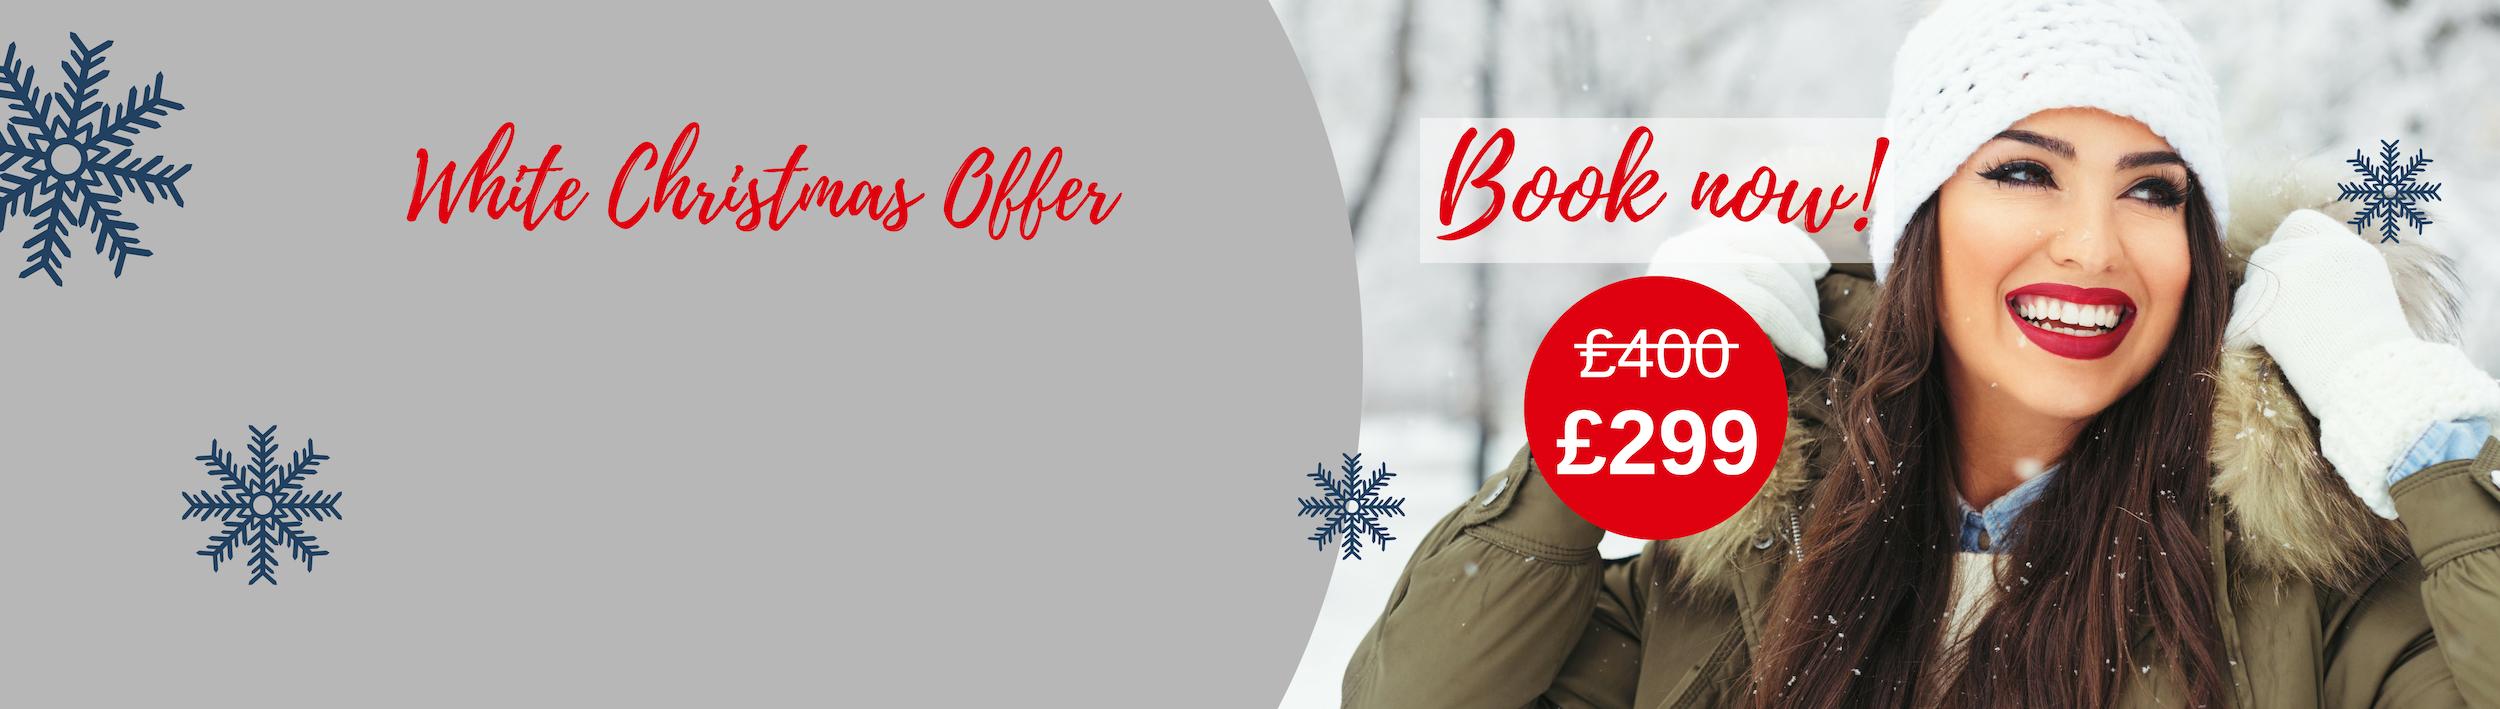 White Christmas Offer website slide banner